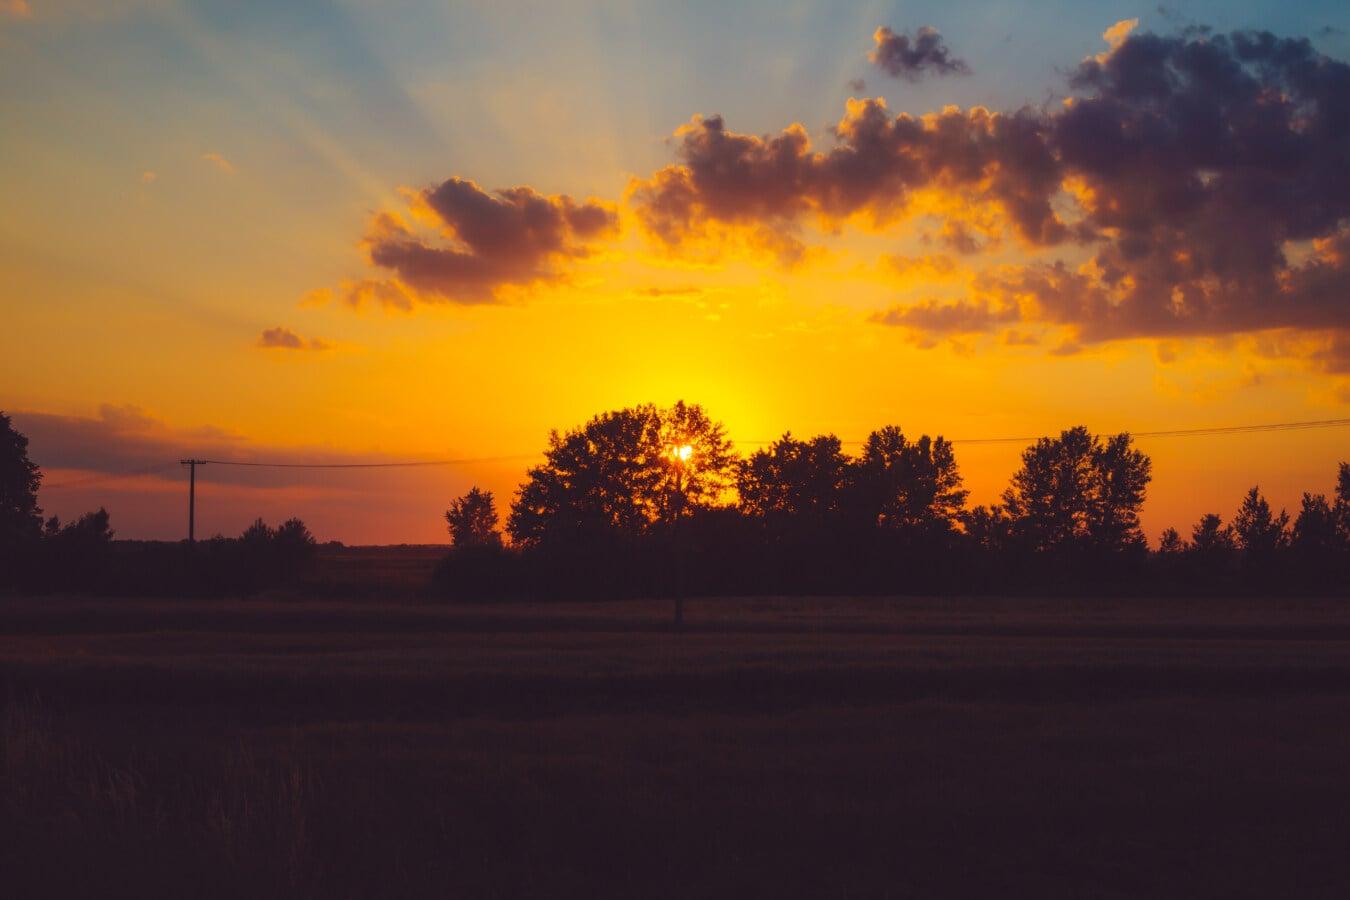 crépuscule, coucher de soleil, rétro-éclairé, majestueux, silhouette, blé, champ de blé, arbres, aube, Star